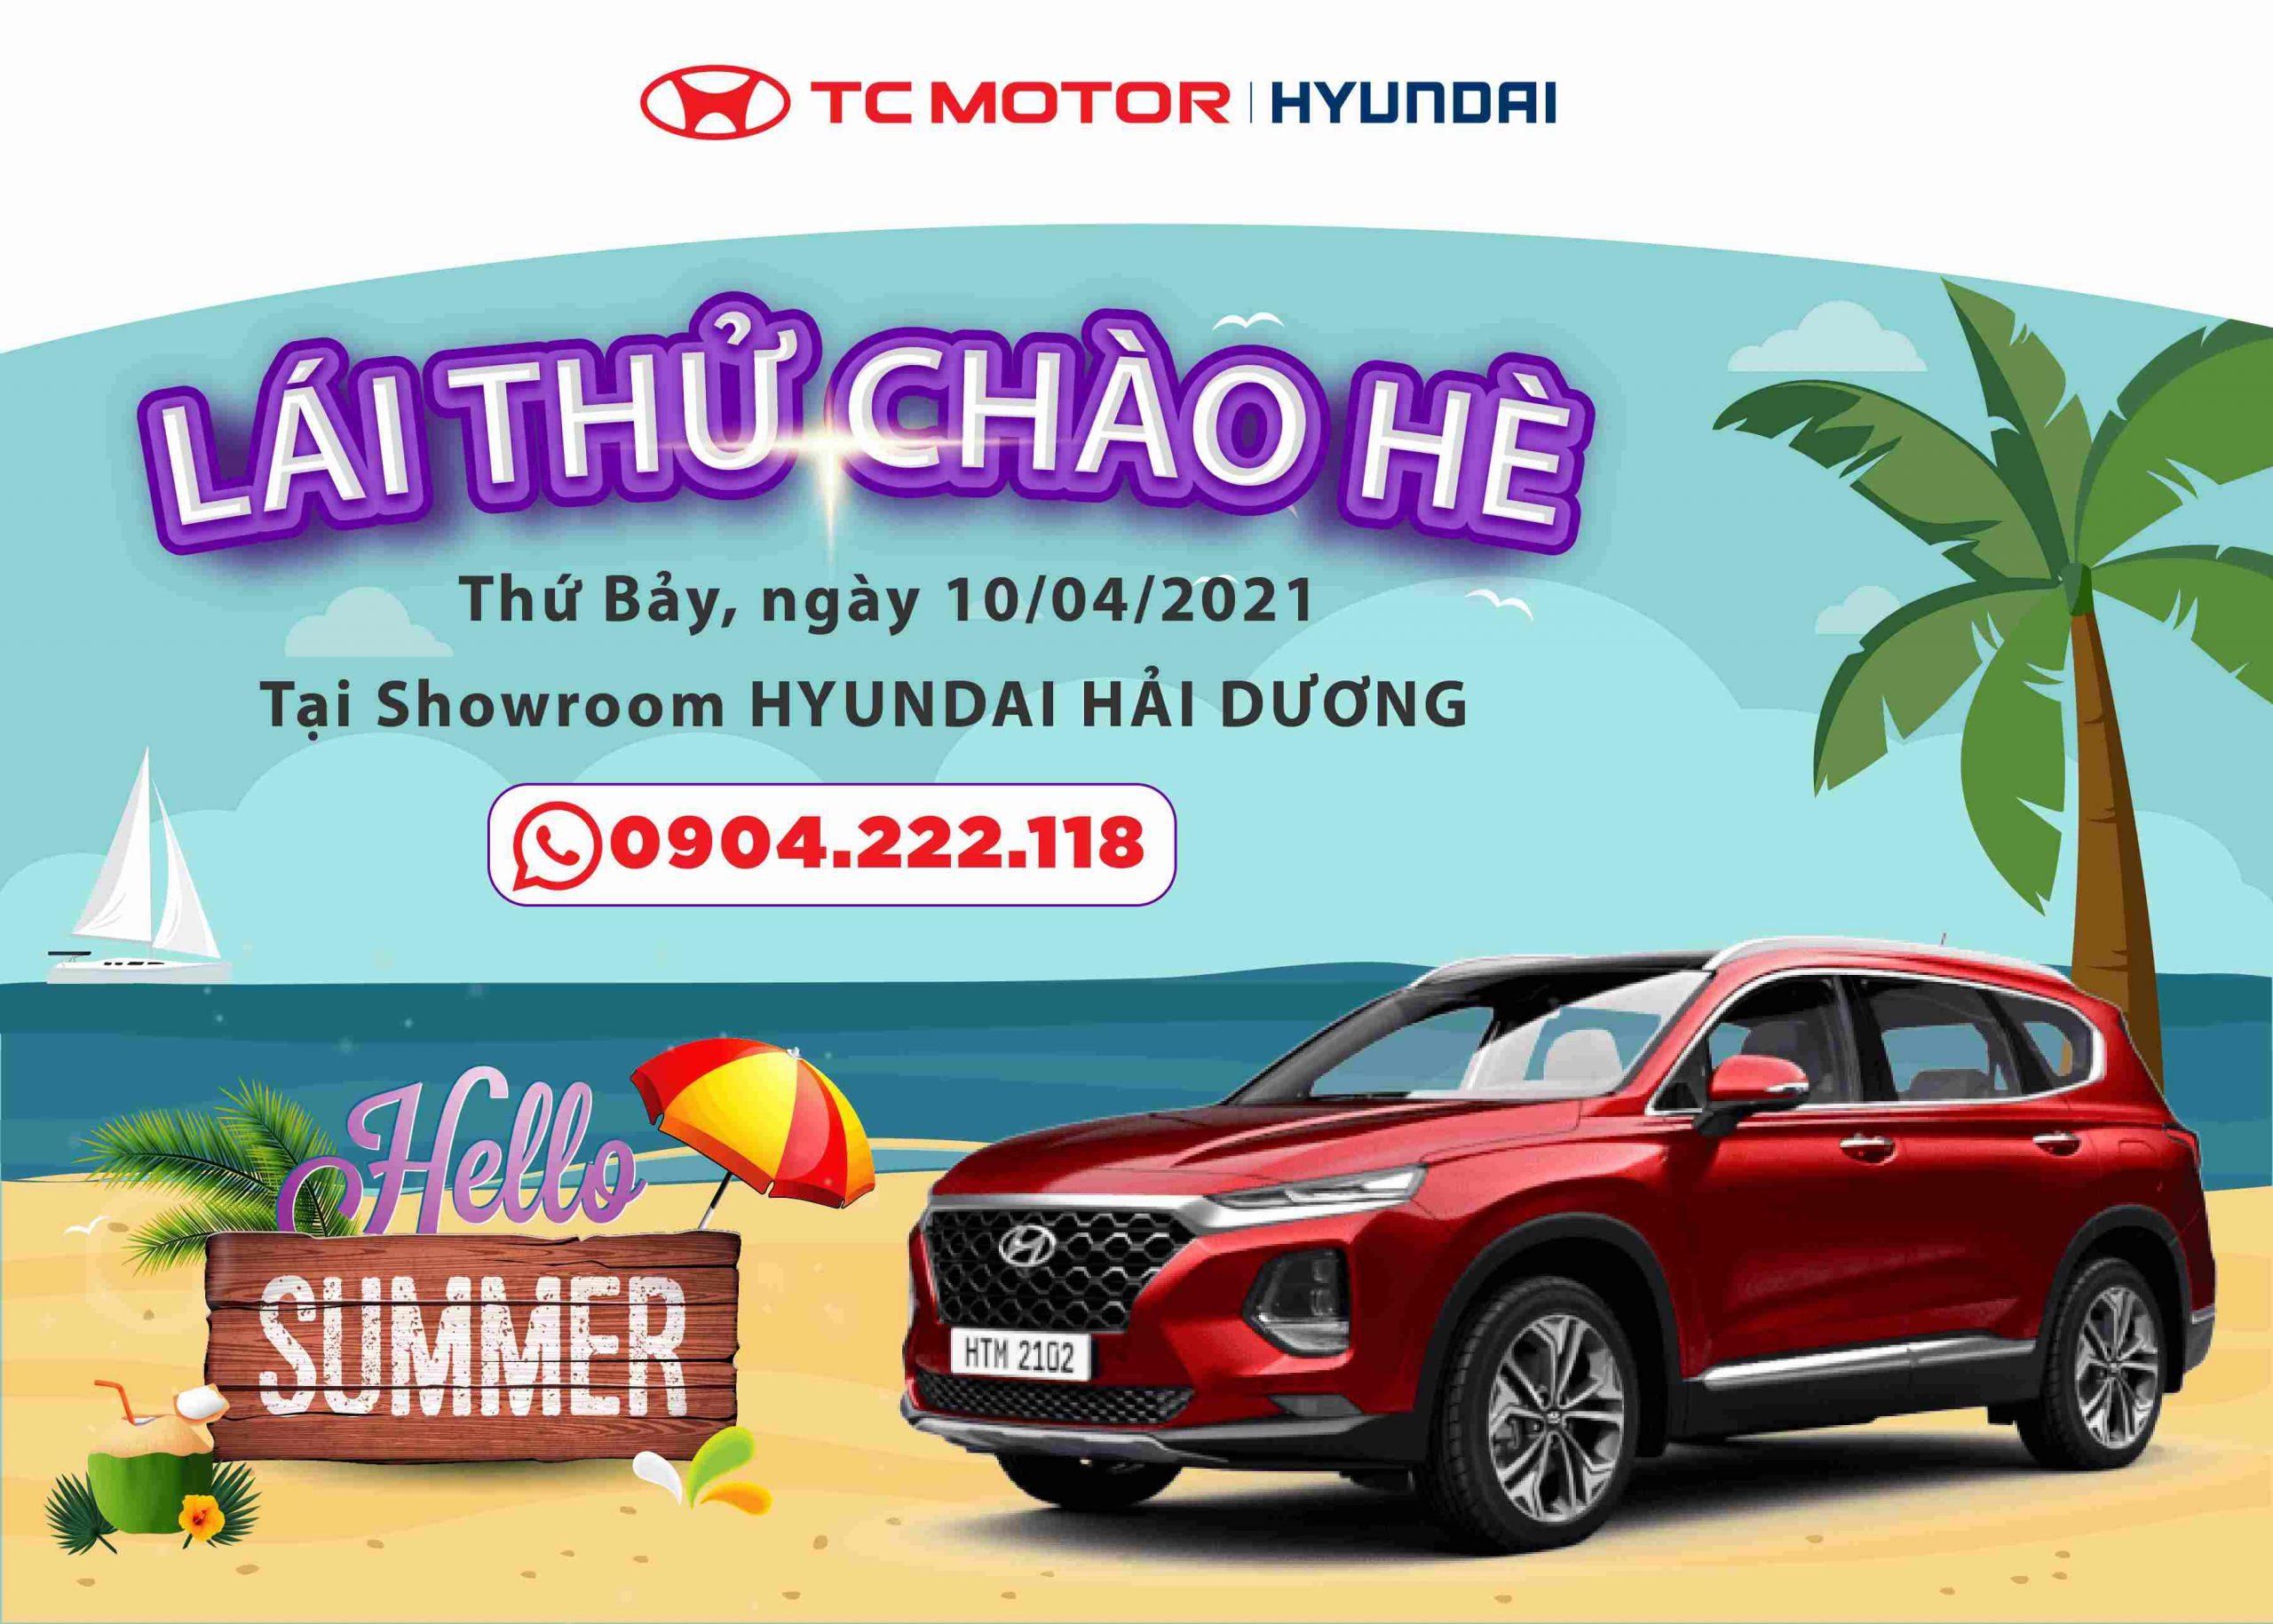 Lái thử Hyundai Hải Dương